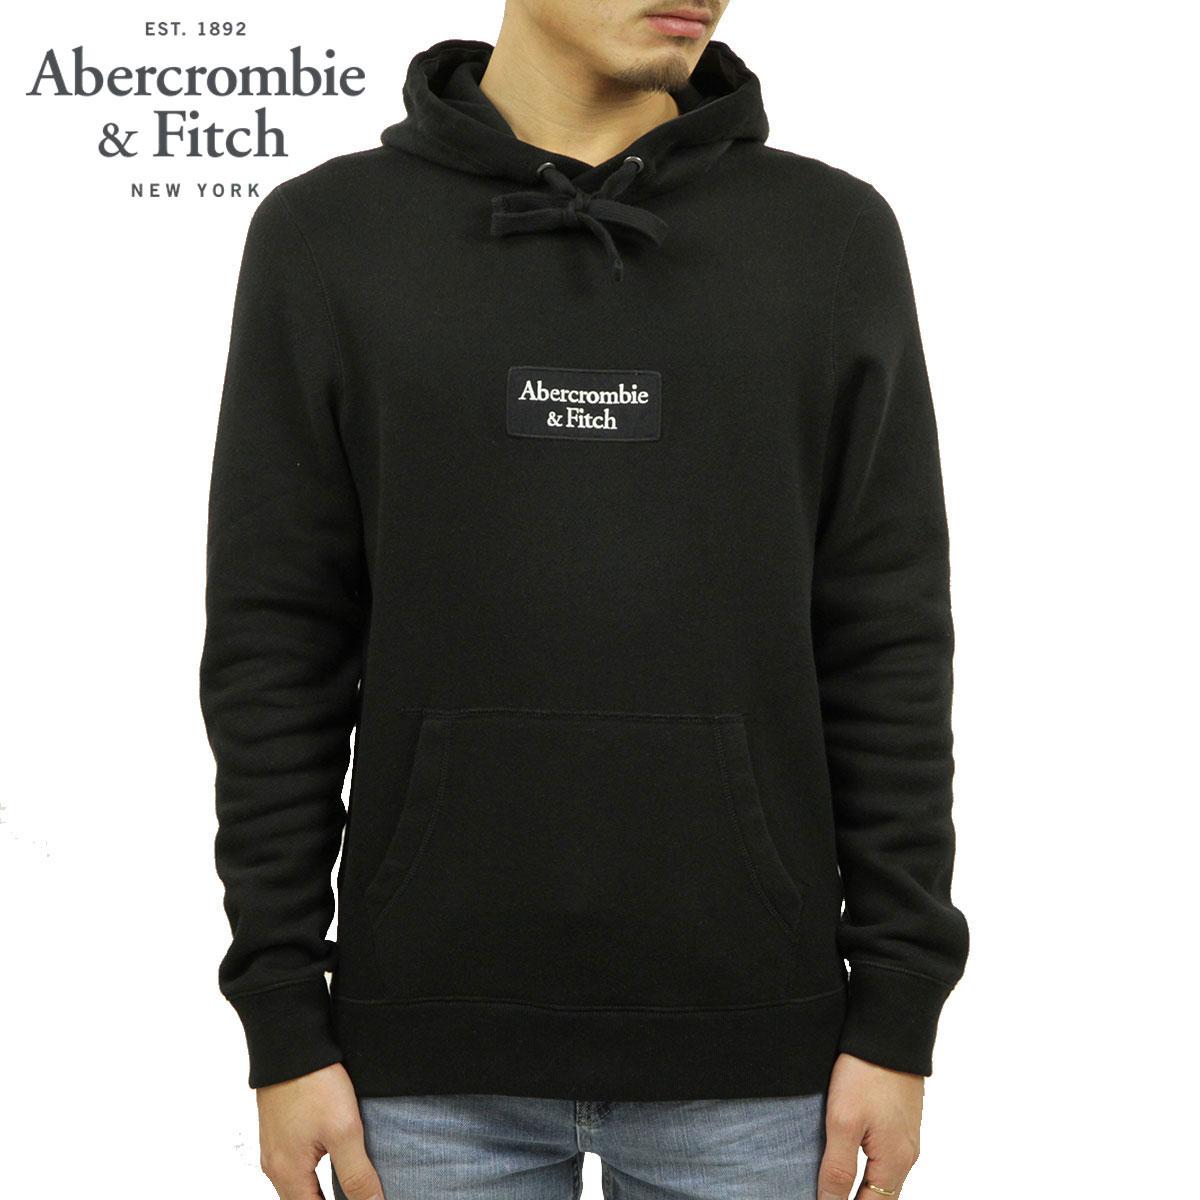 アバクロ パーカー メンズ 正規品 Abercrombie&Fitch プルオーバーパーカー ロゴ LOGO TAPE HOODIE 122-231-0858-900